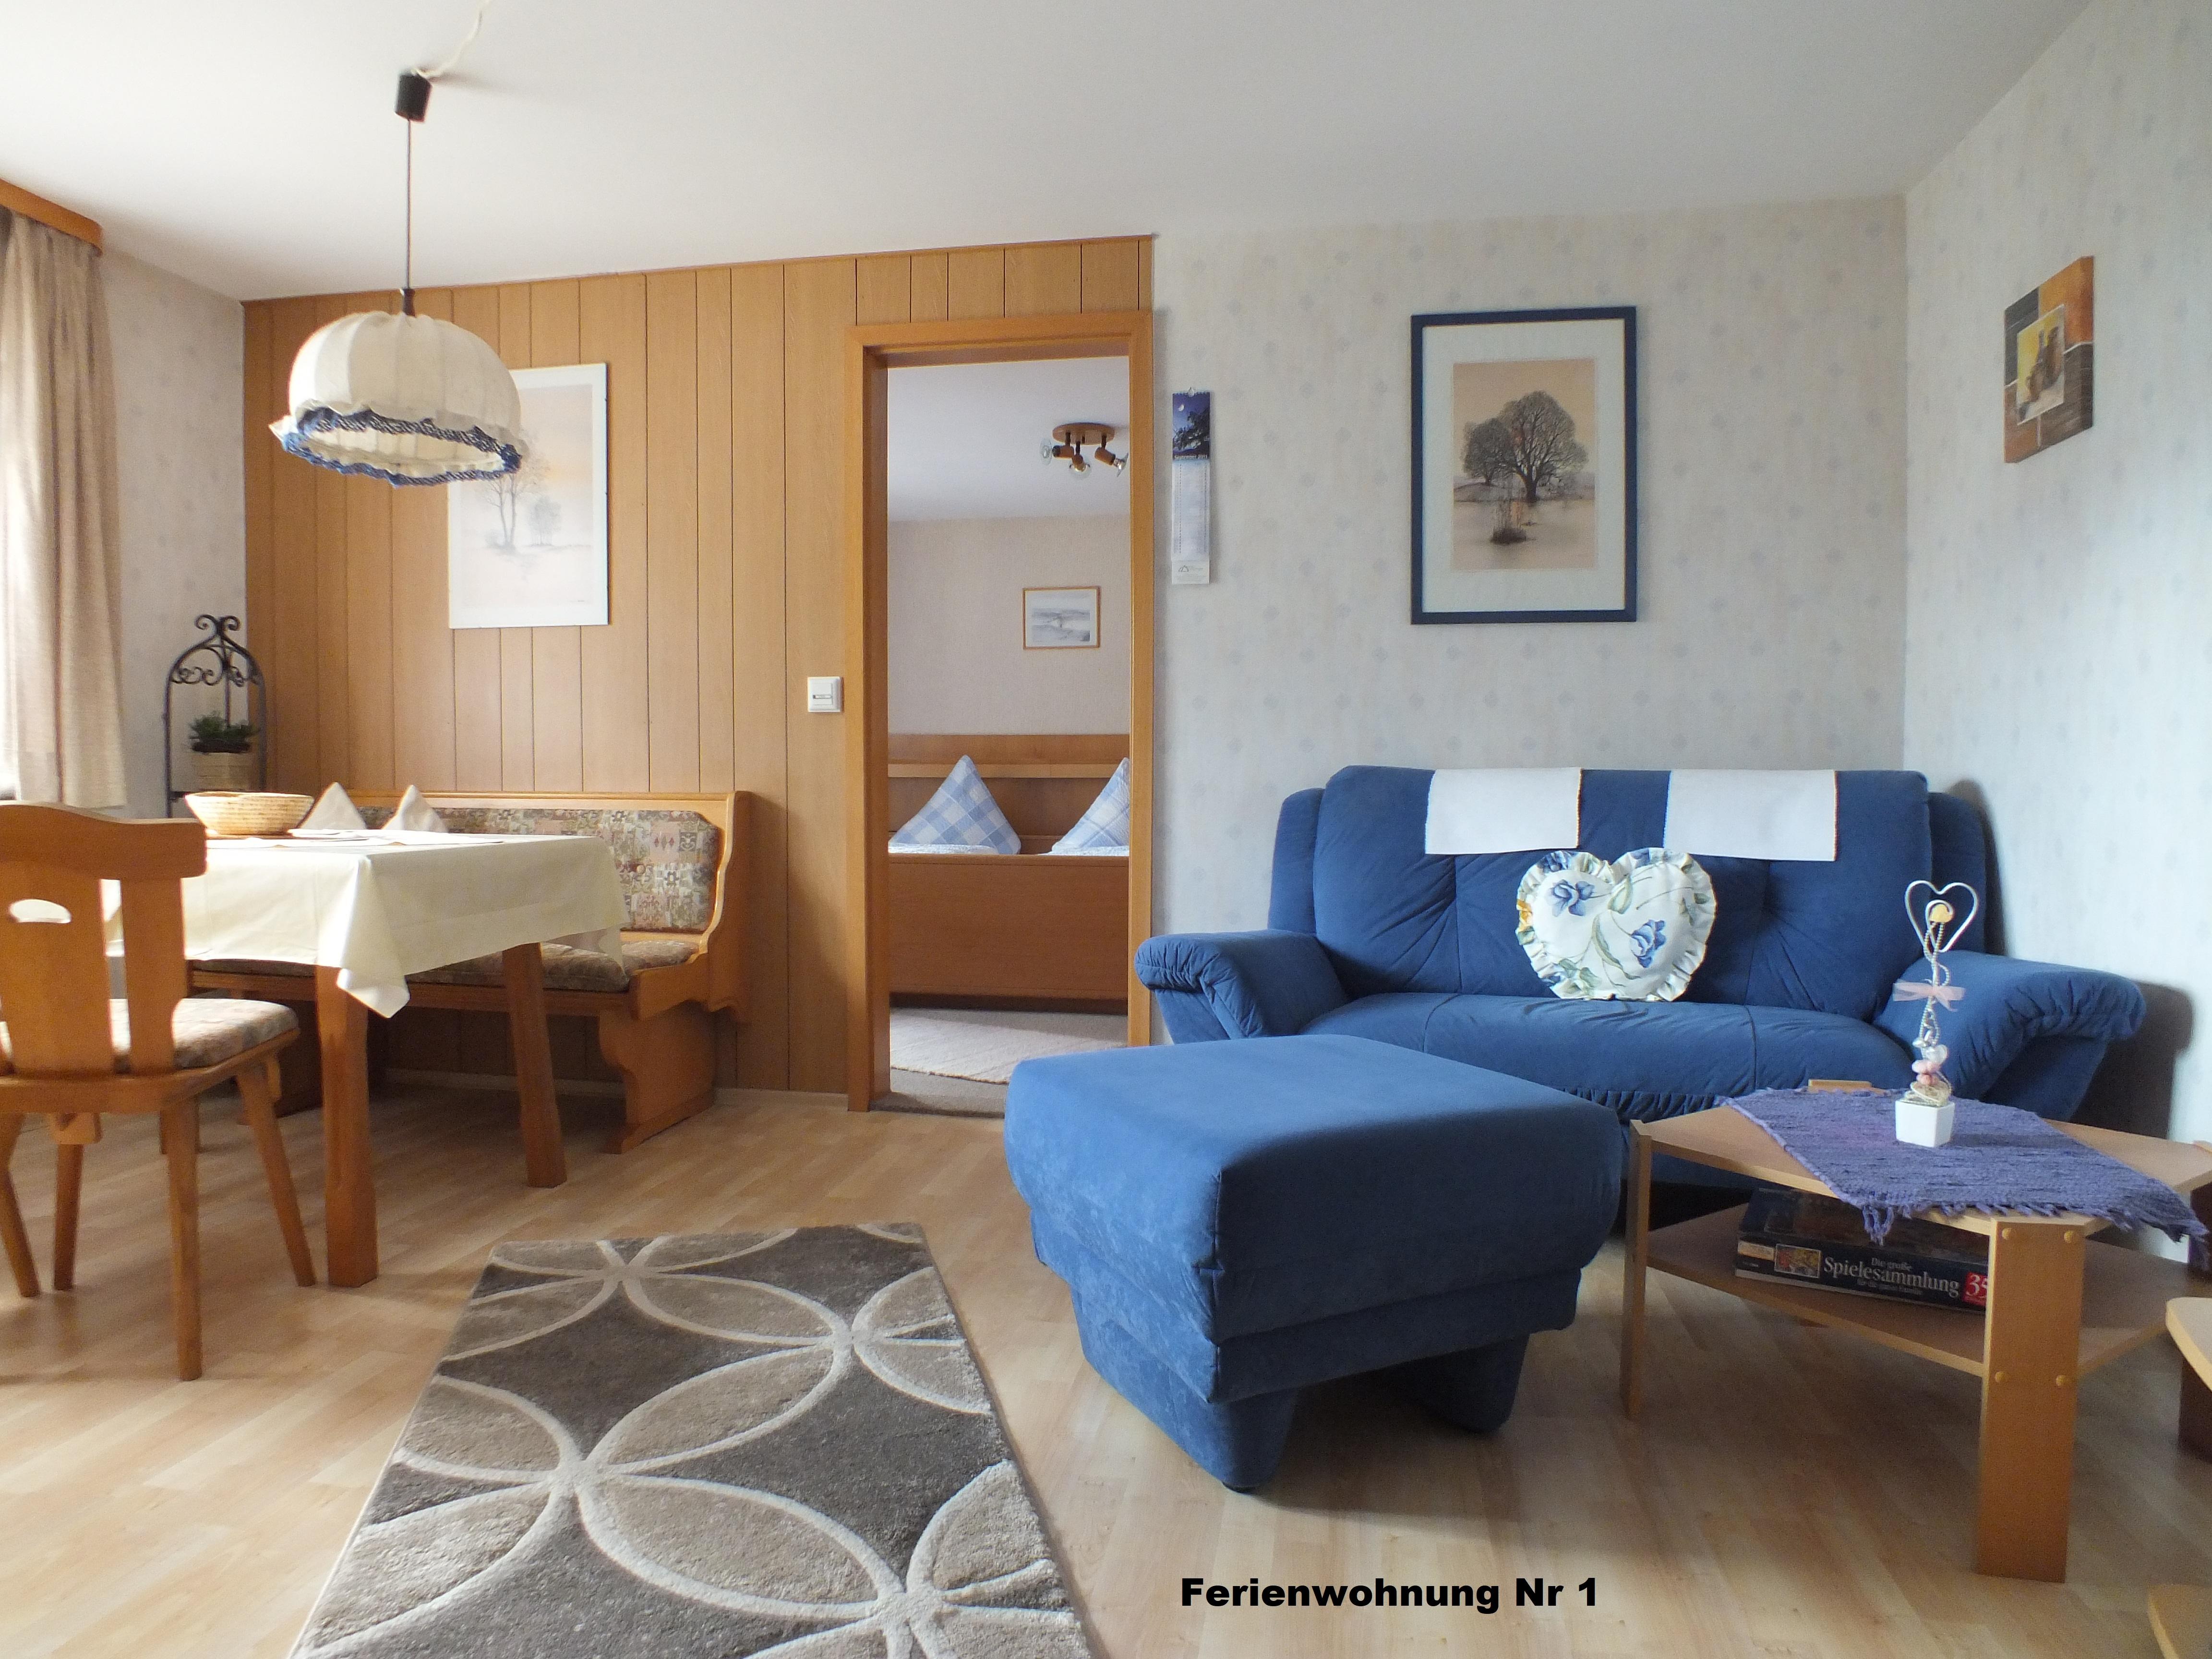 Gästehaus Fink, Ferienwohnung 1, Wohnzimmer